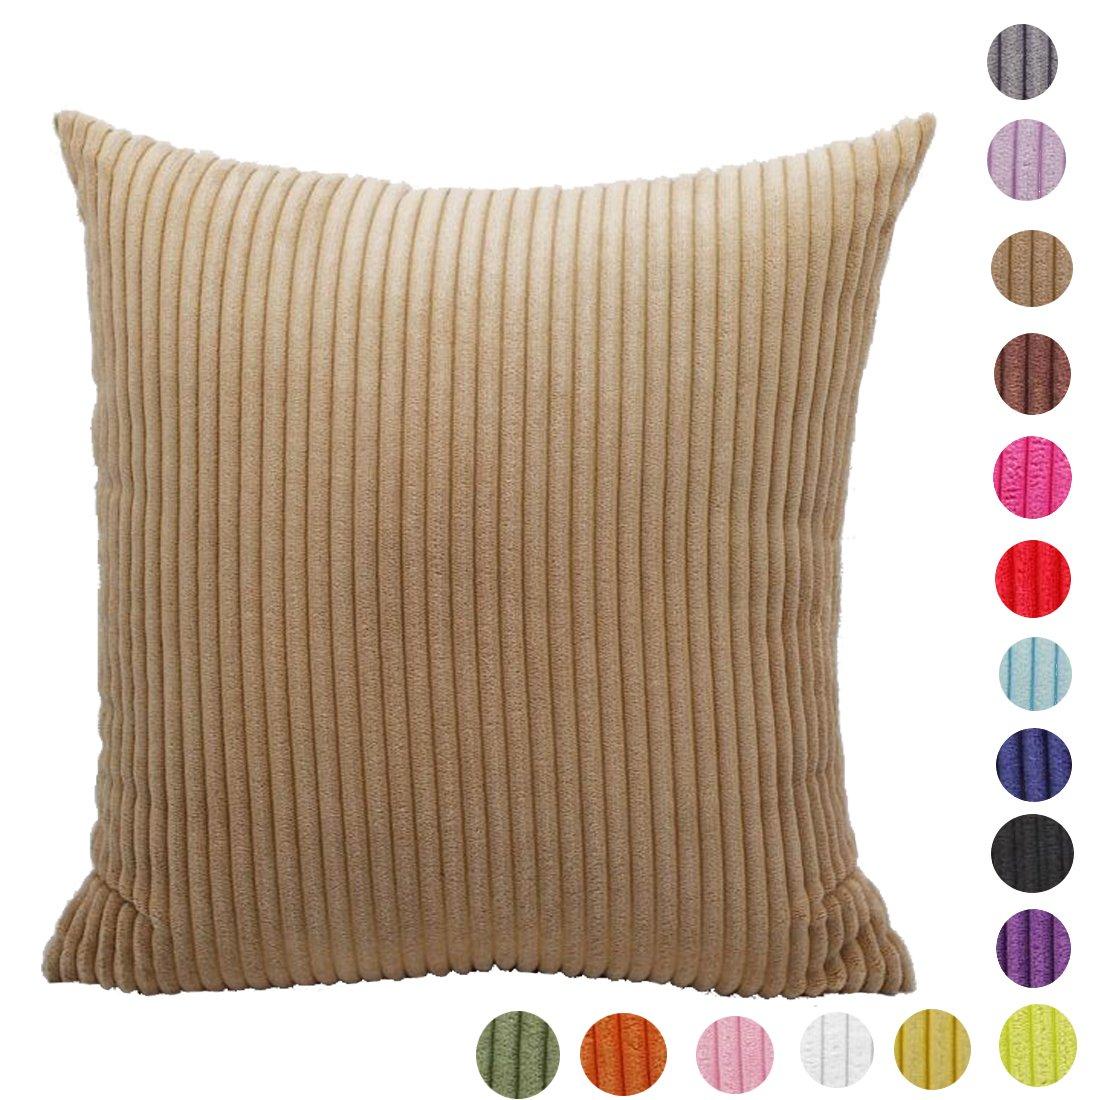 AOZHOME sólido grandes grosor de rayas pana funda para cojín decorativo para sofá disponible en 17 colores y 10 tamaños